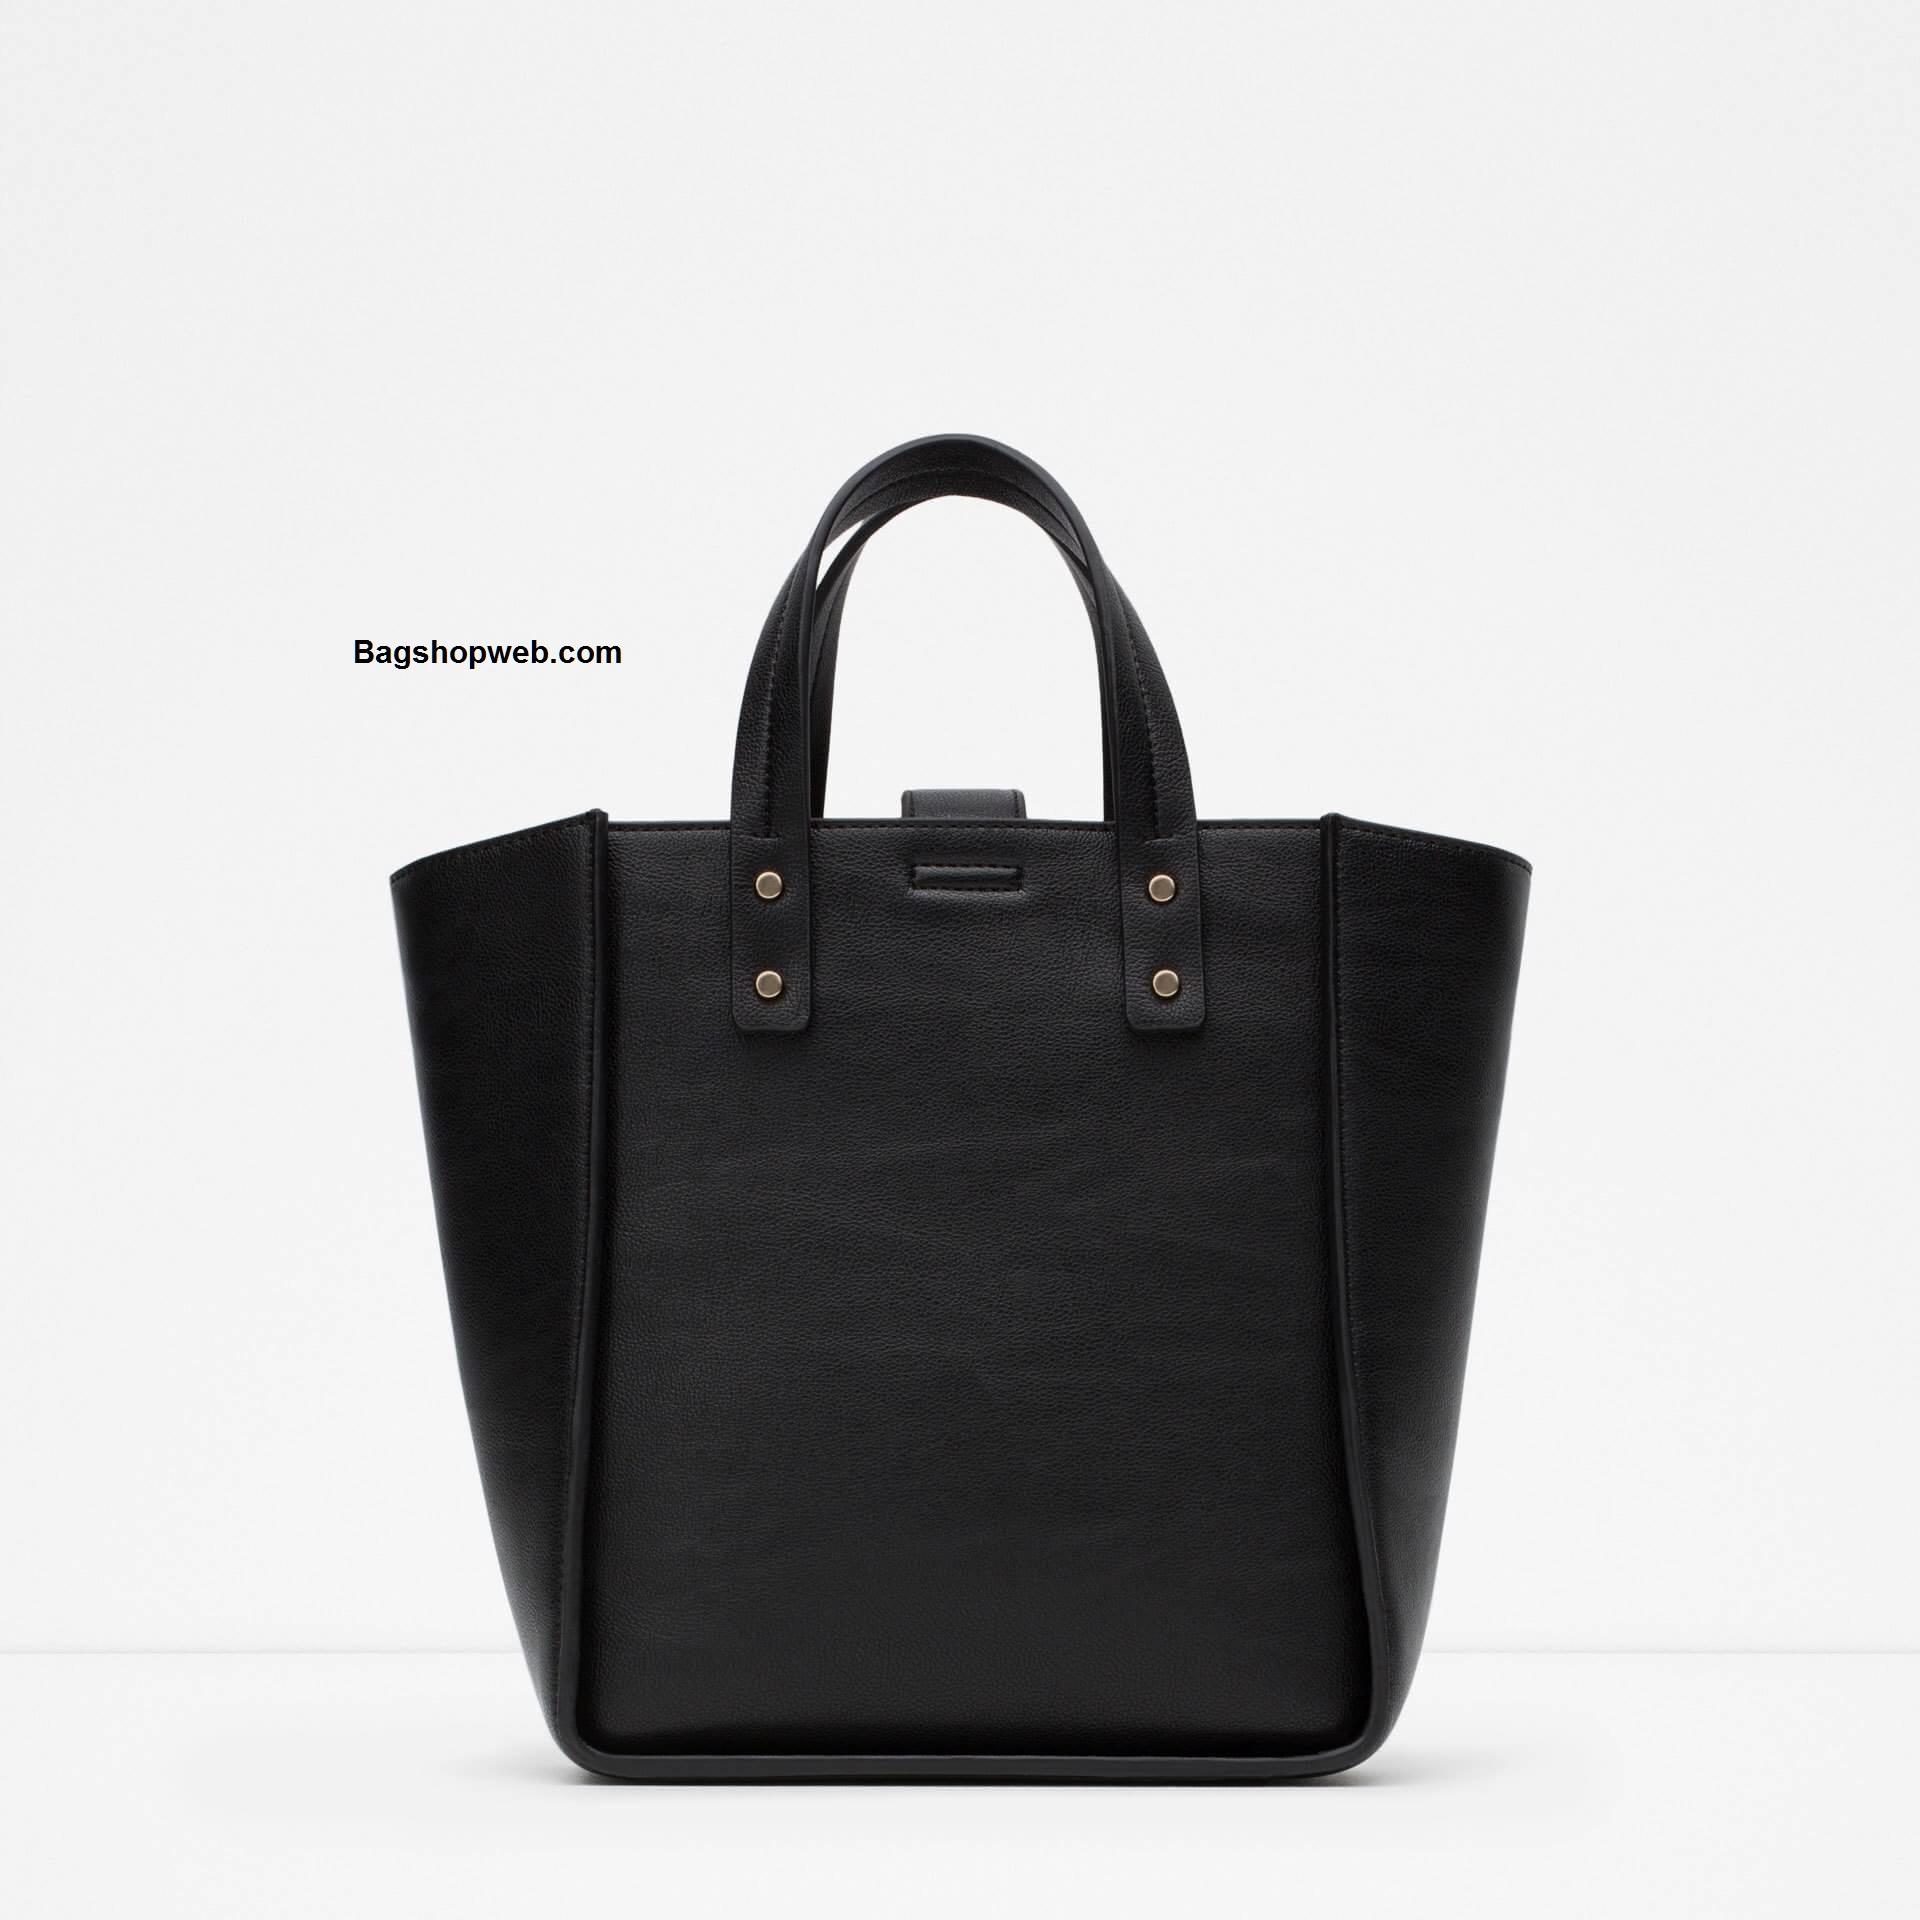 กระเป๋า ZARA TOTE BAG รุ่นใหม่ชนช้อป ดีไซน์เรียบง่าย เลอค่าคร้าาา!!